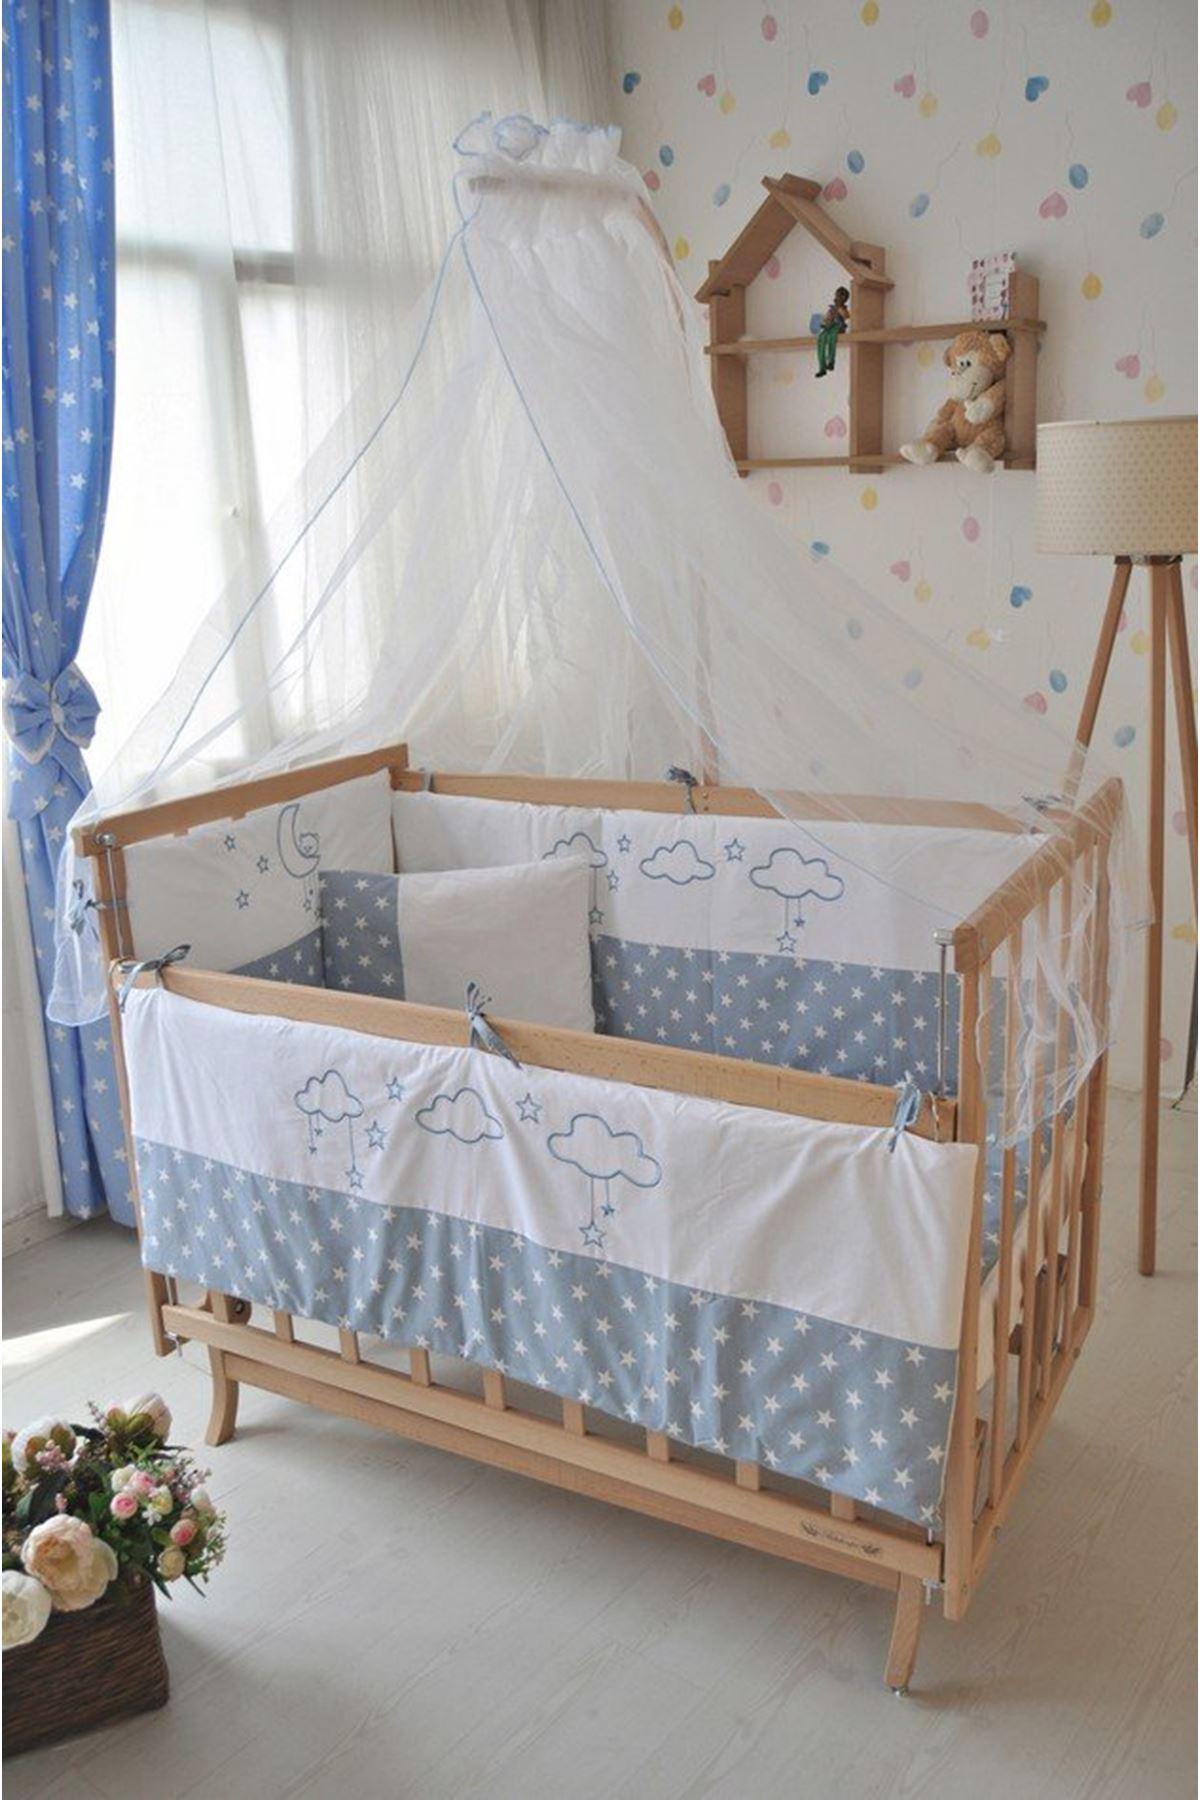 Mavi Bulutlu Uyku Seti ile Elyeza Bebek Karyolası